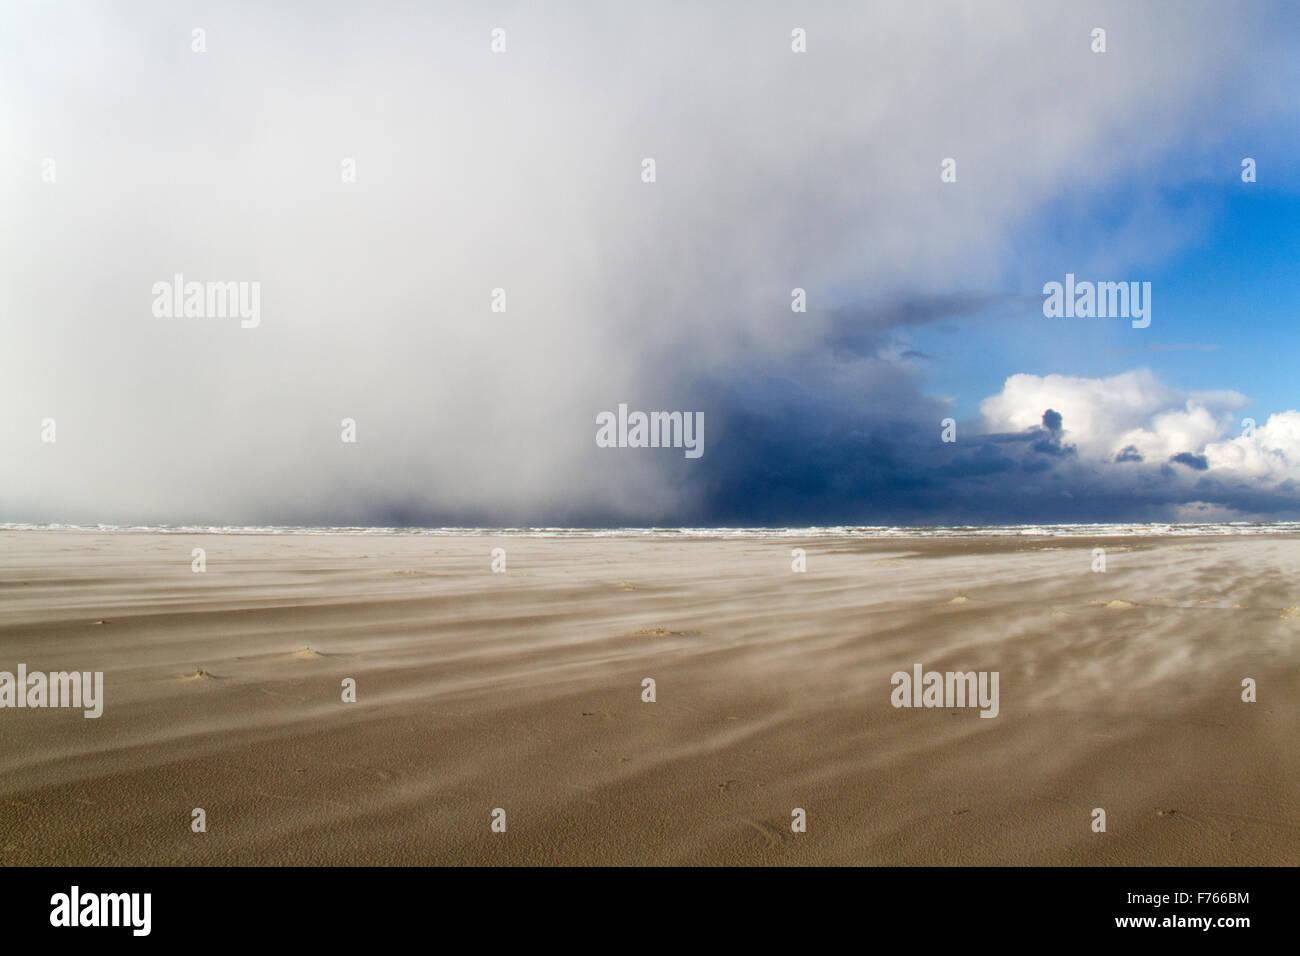 Una selvaggia giornata sulla spiaggia: una tempesta di sabbia e nuvole basse al di sopra del mare, portando la neve Immagini Stock